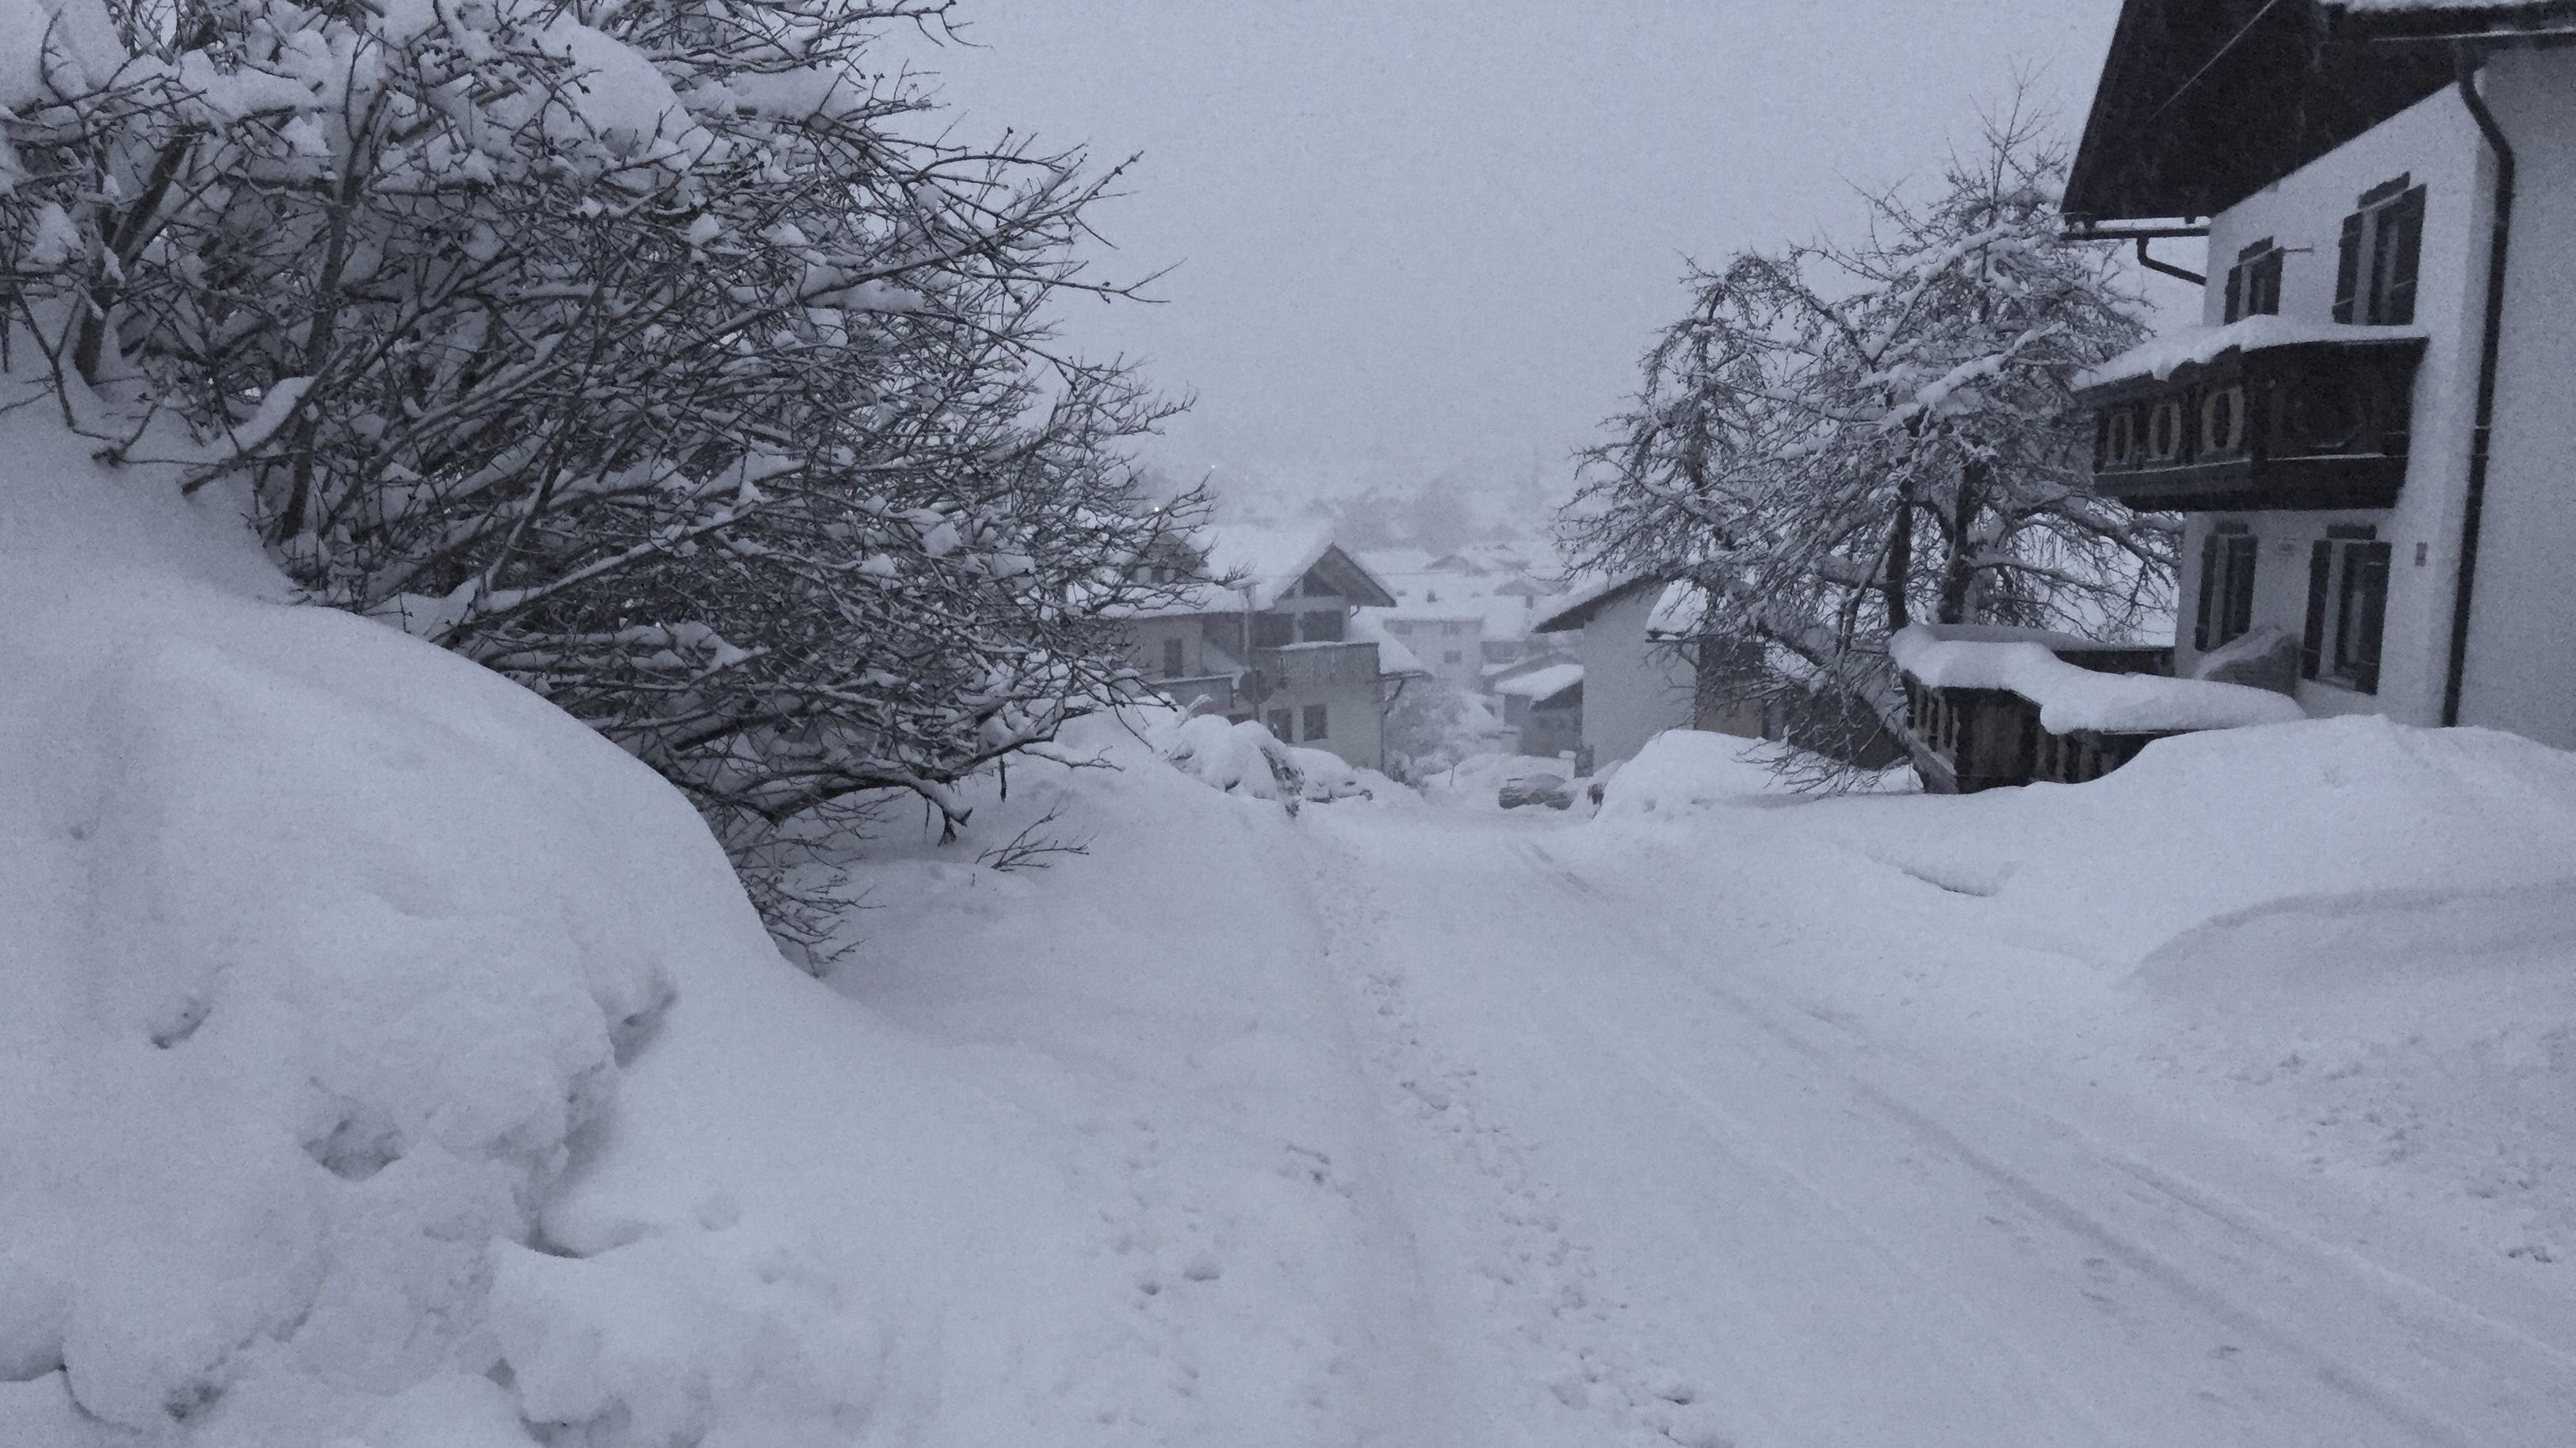 Tiefverschneite Dorfnebenstraße in Bodenmais